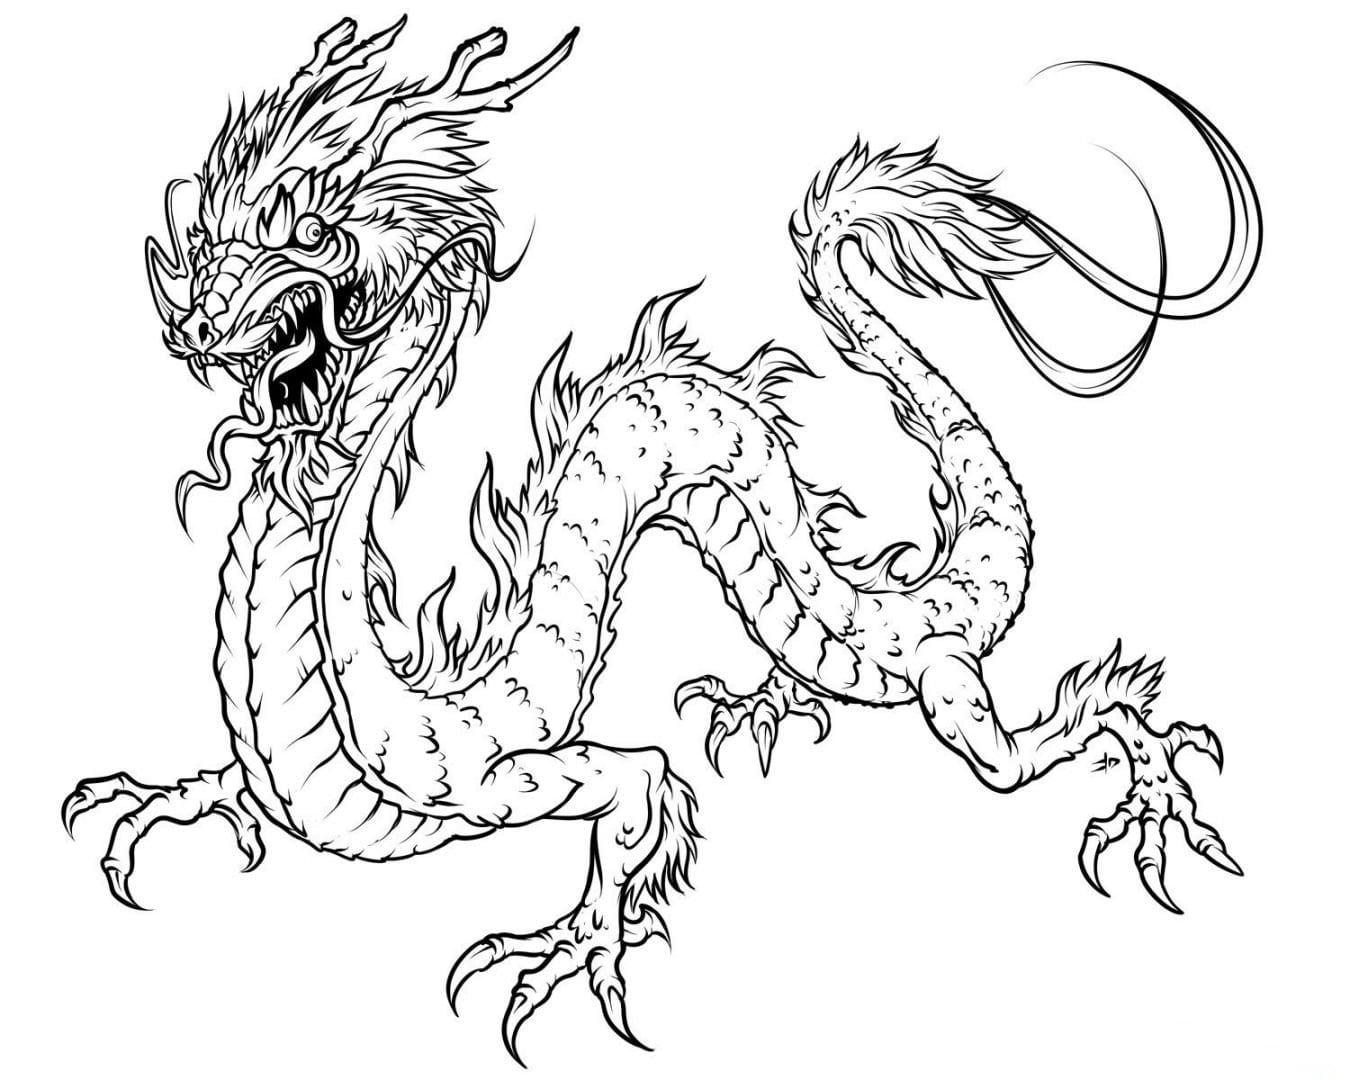 Galeria De Fotos E Imagens  Desenhos Para Pintar De Dragões